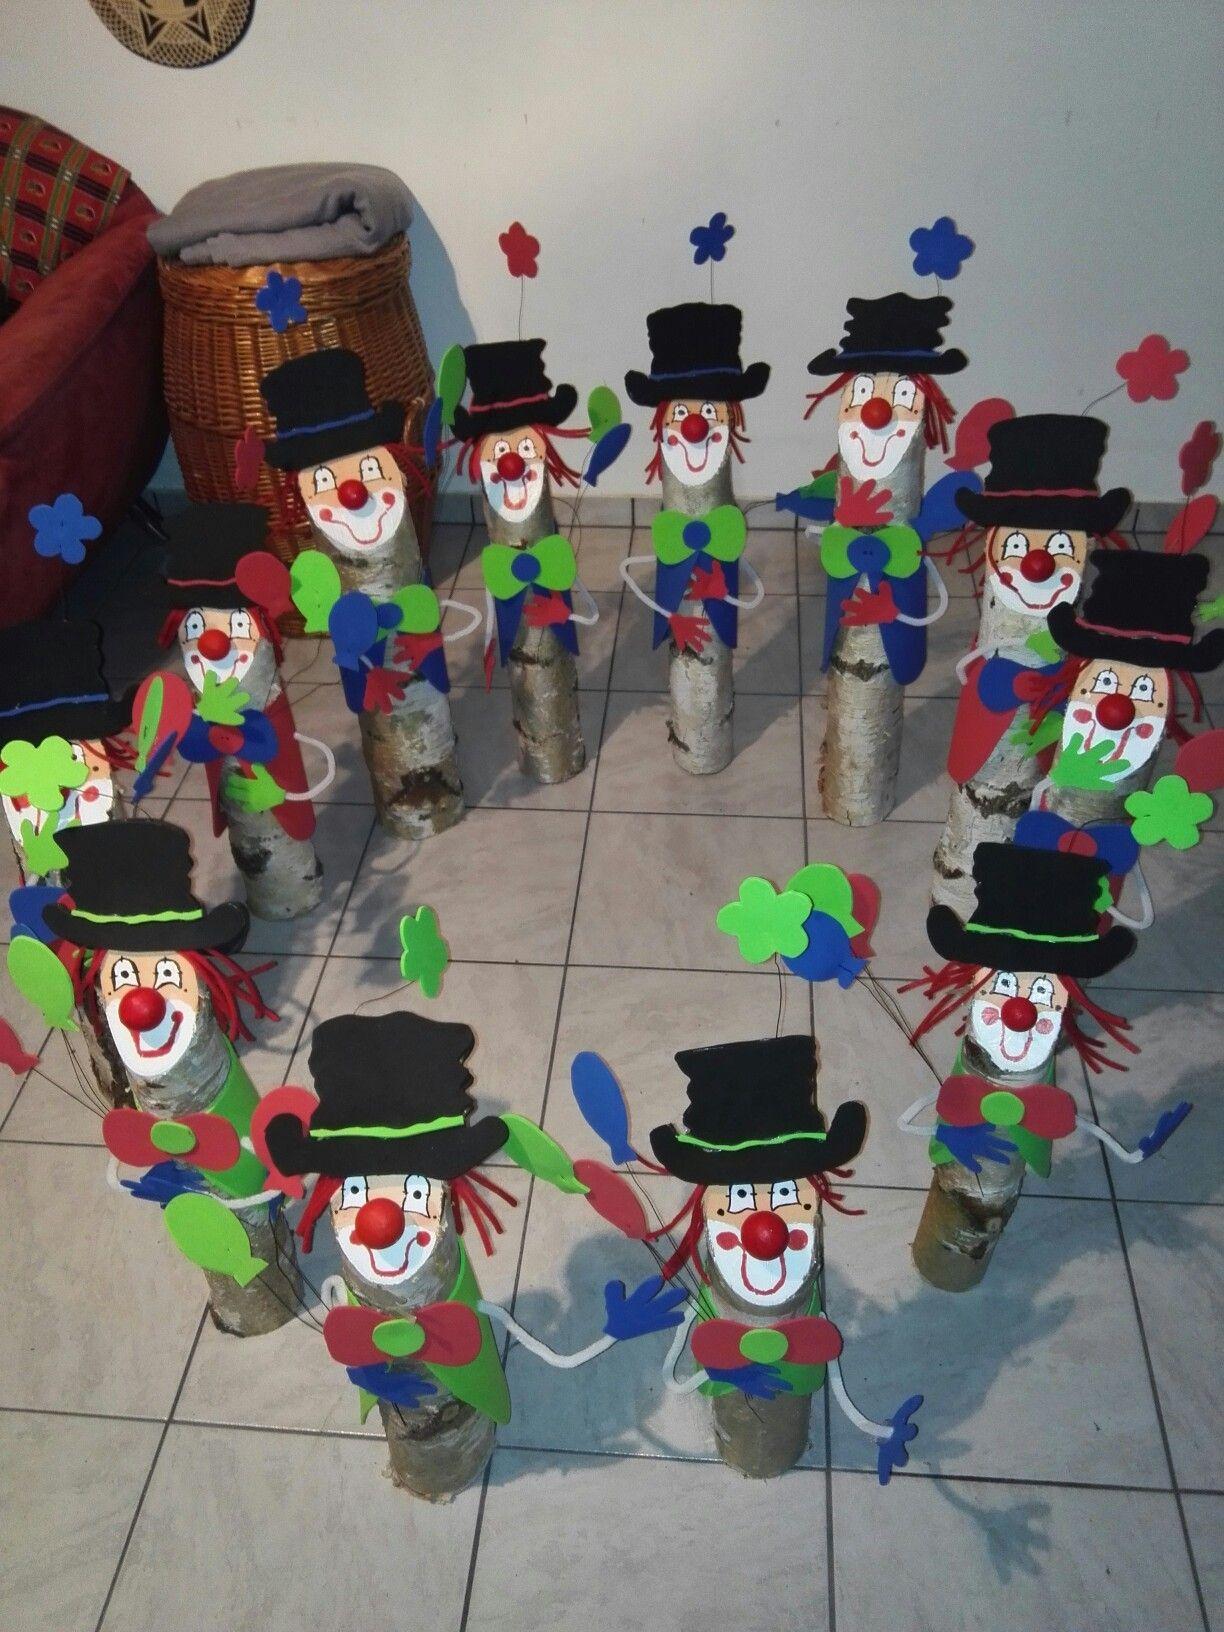 Holz Baumstamm Deko Moosgummi Karneval Clown Birkenstamm Oben Anschrägen,  Mit Acrylfarbe Ein Clownsgesicht Drauf Malen